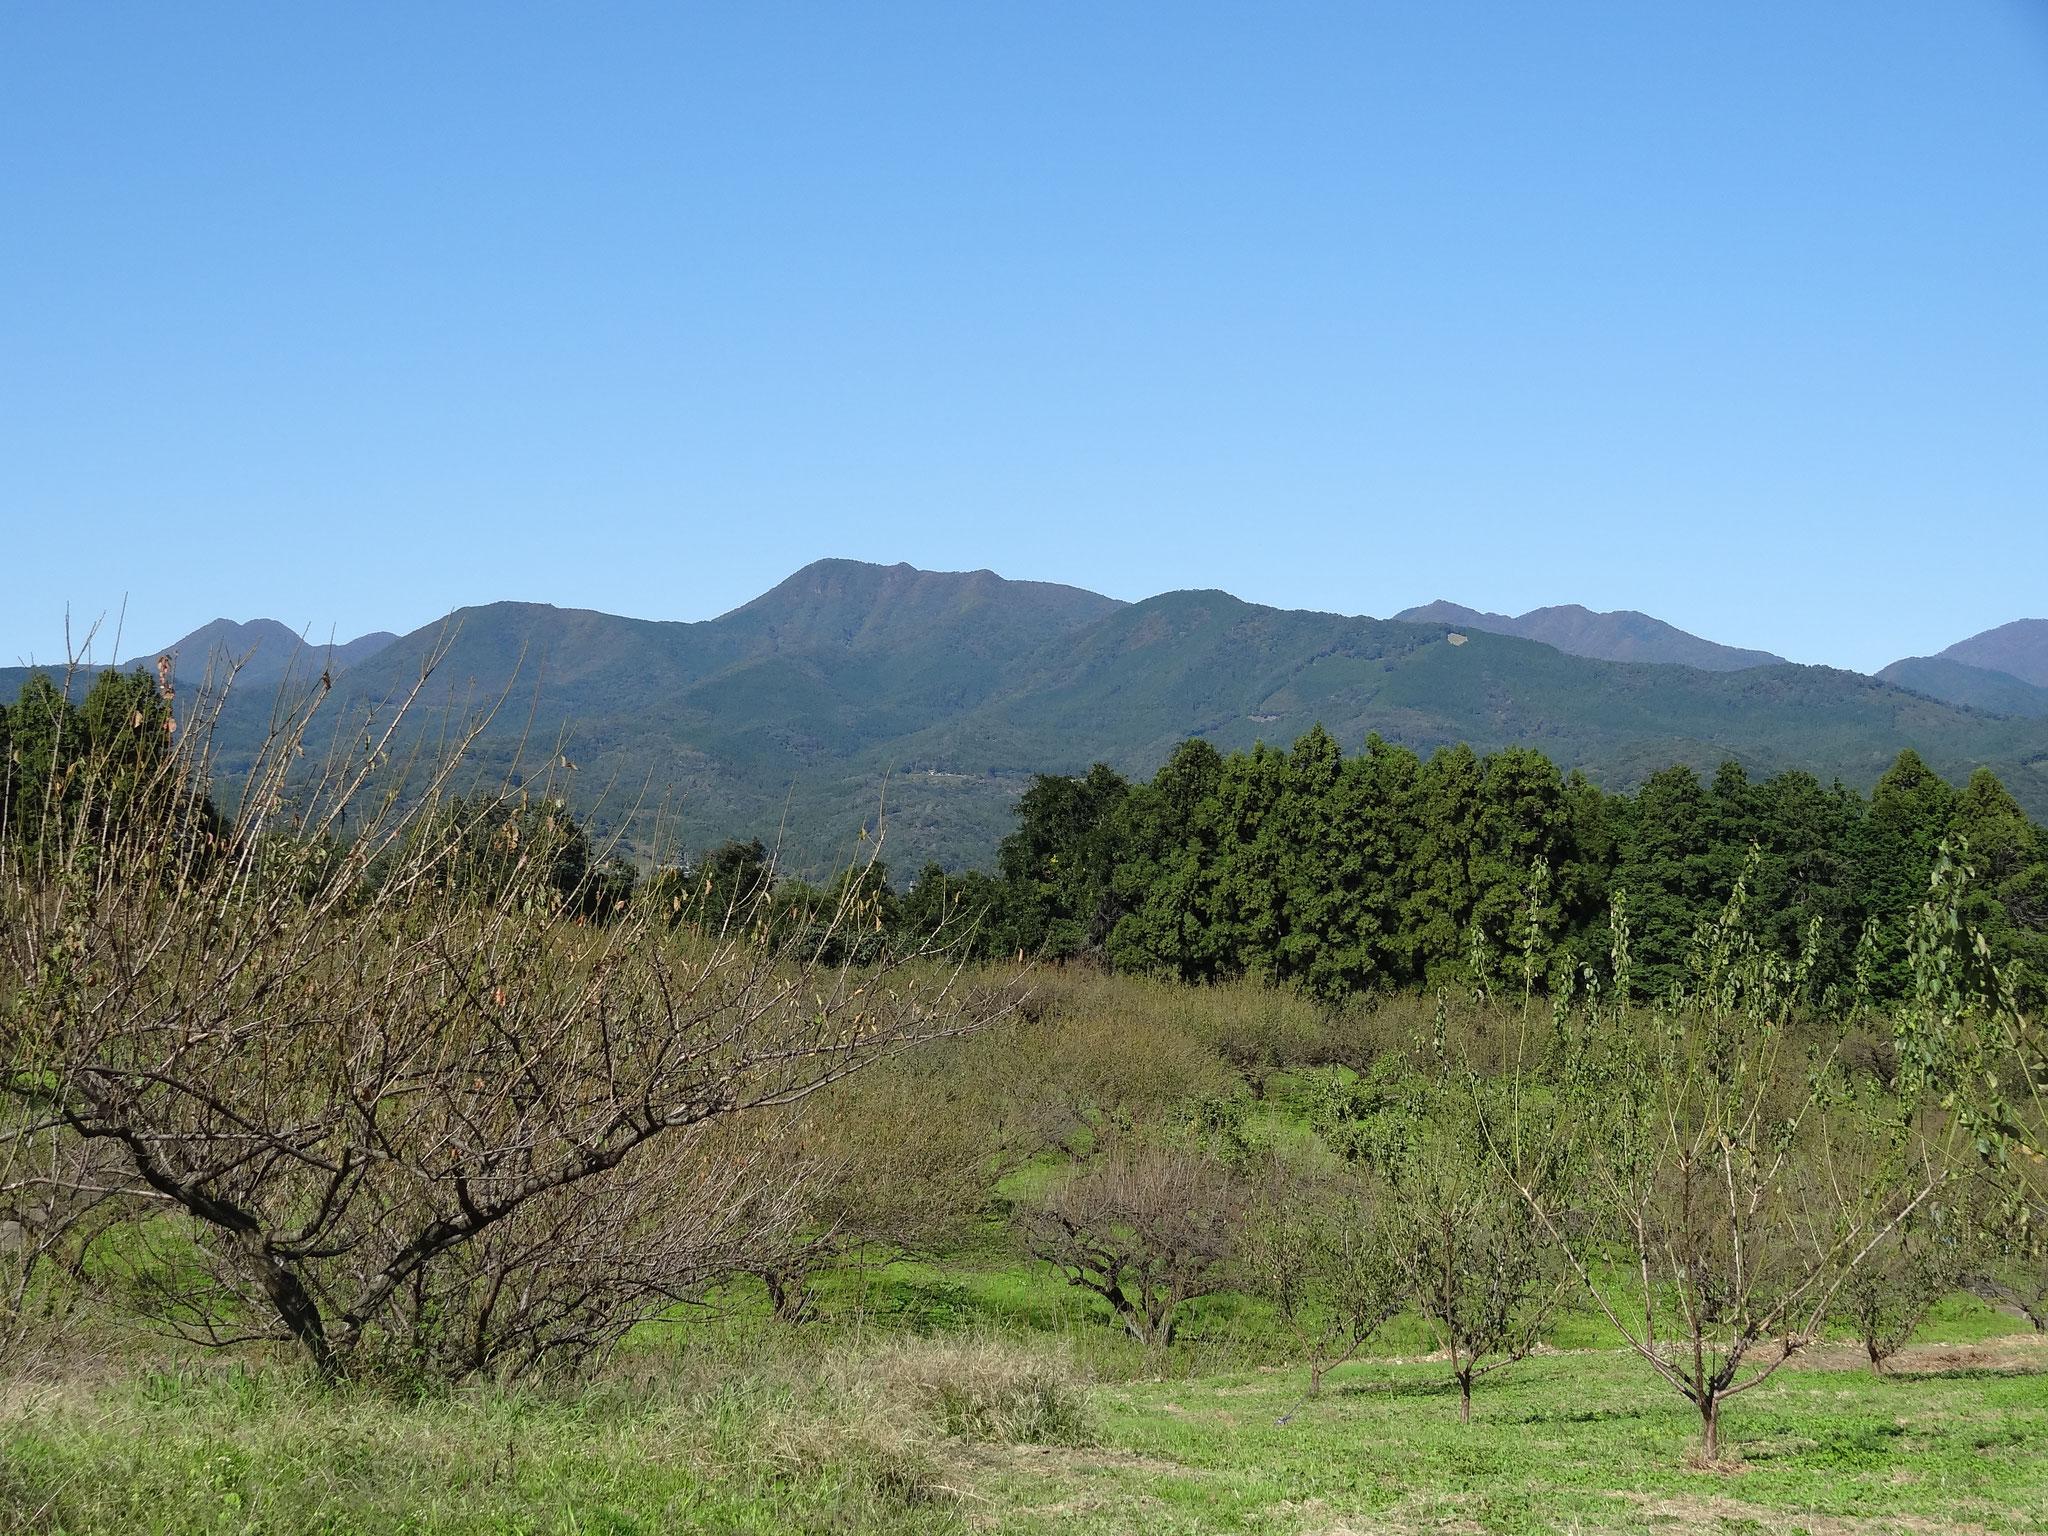 榛名山のふもとののどかで美しい梅園でした。